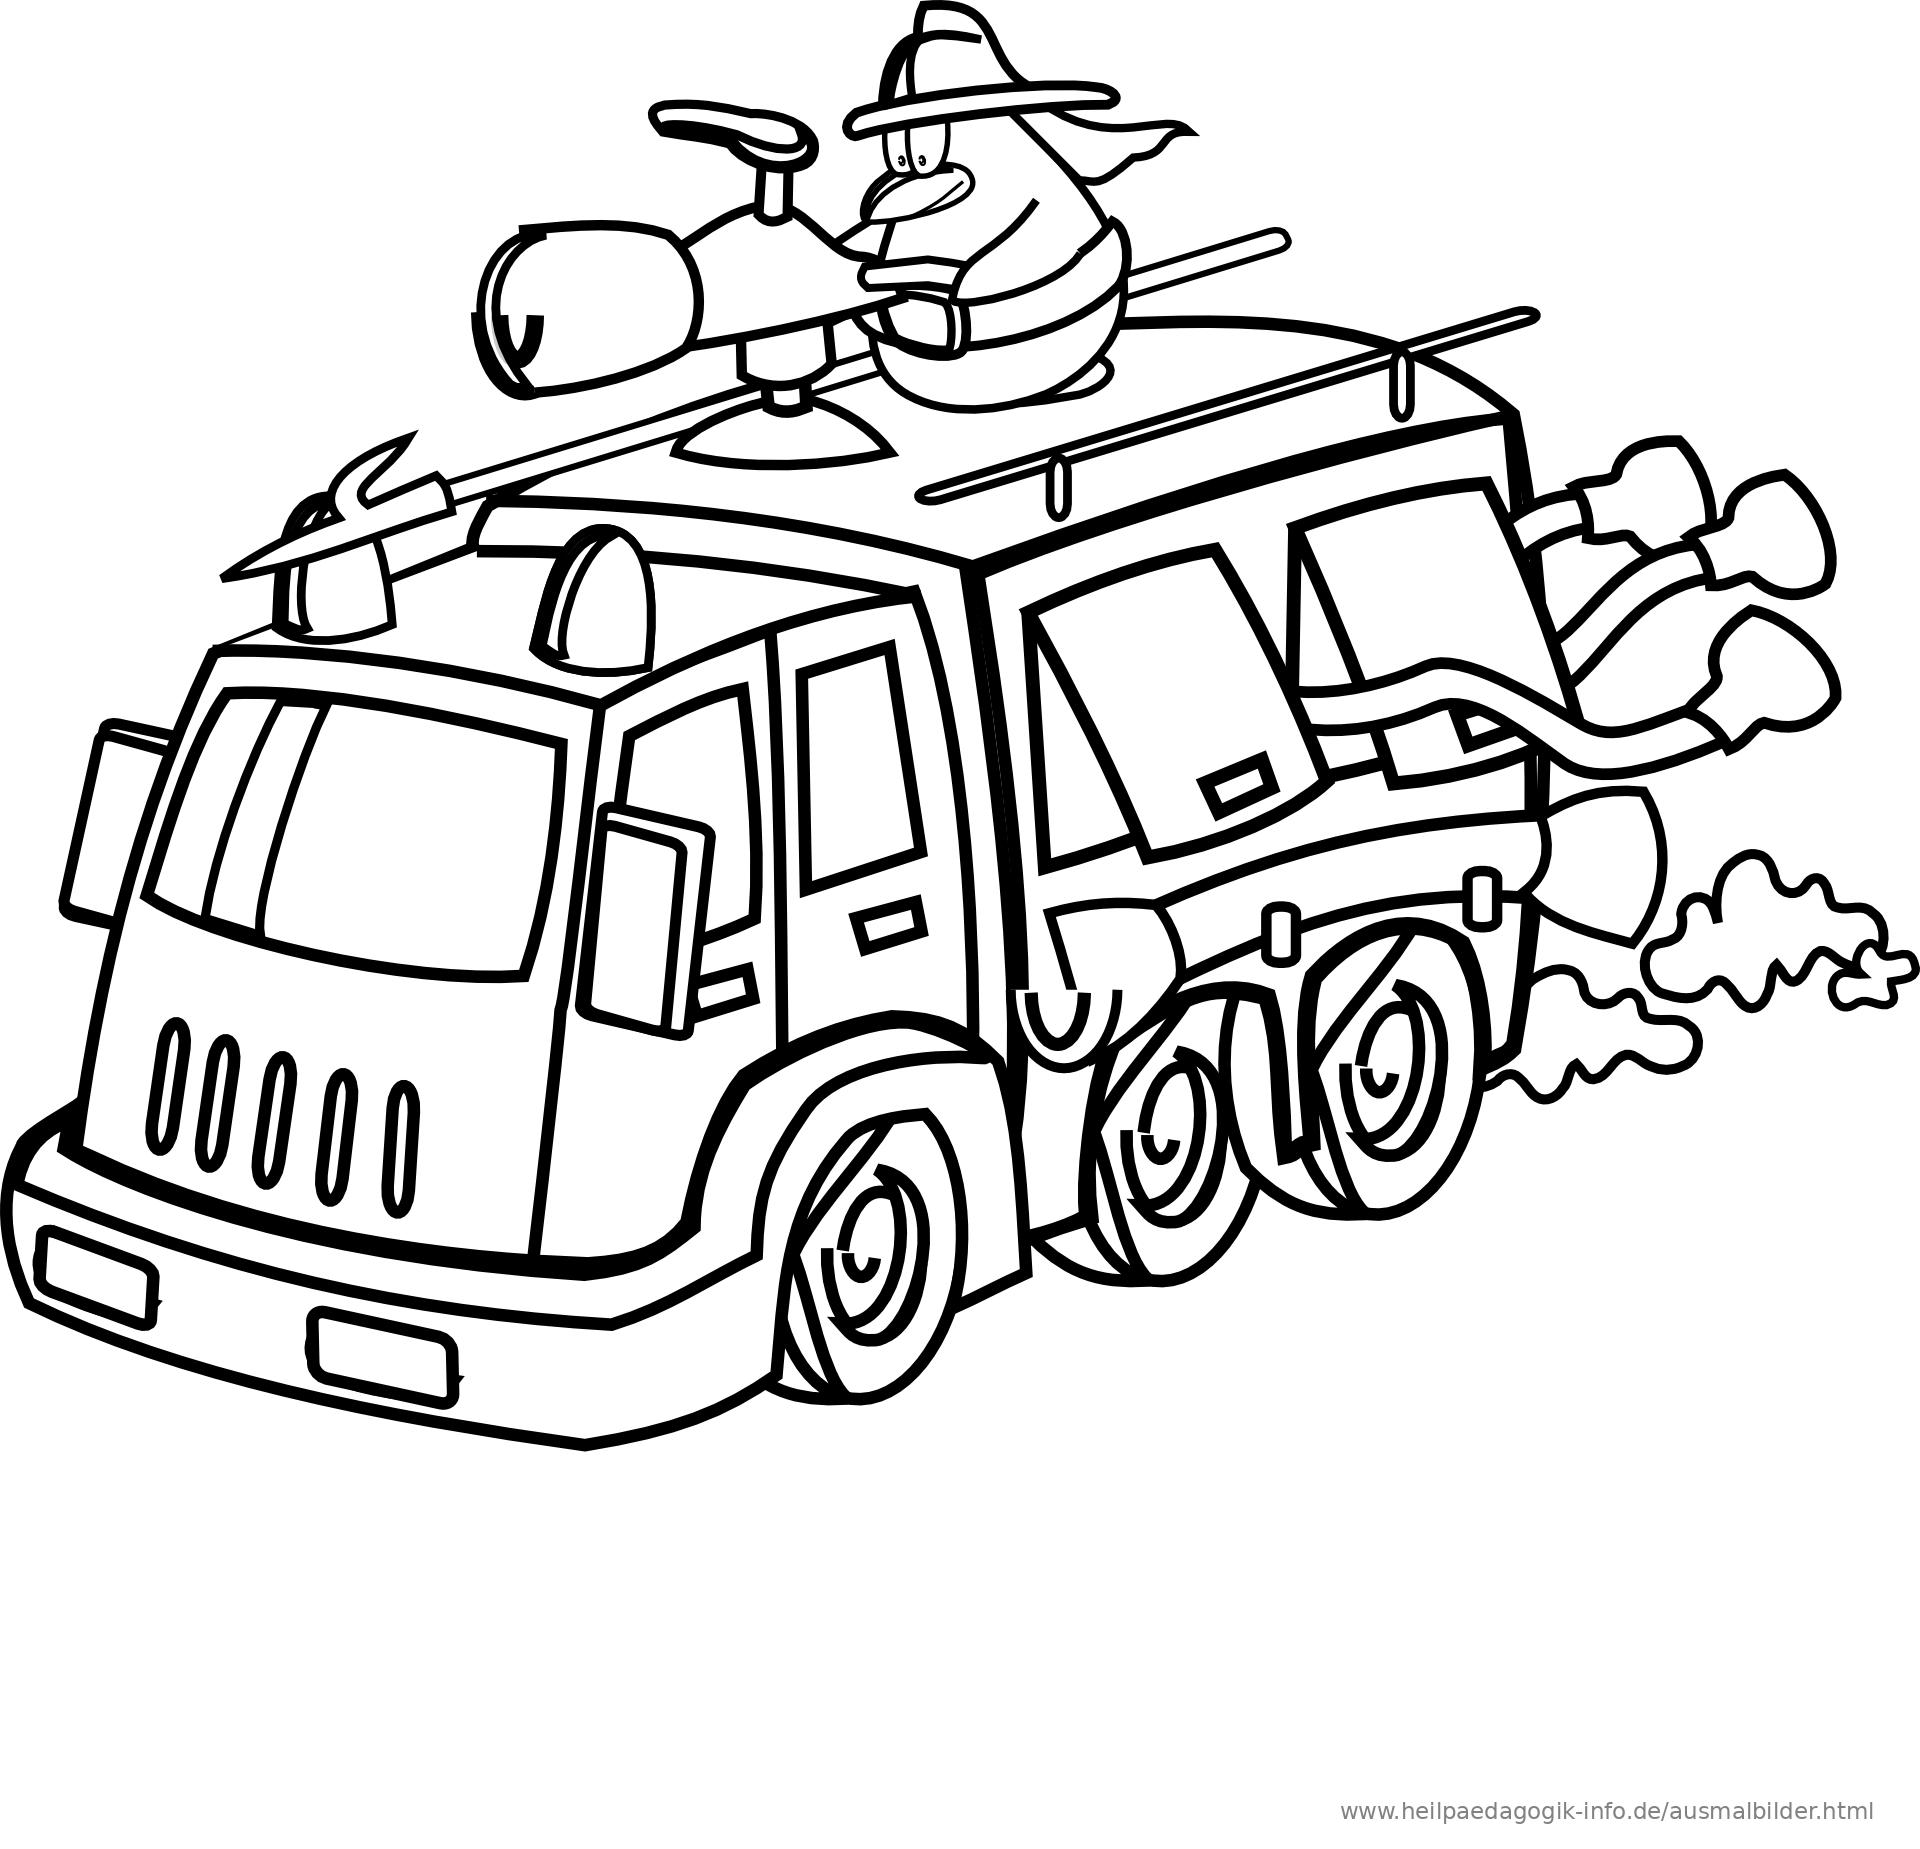 Ausmalbilder Feuerwehr, Krankenwagen, Polizei